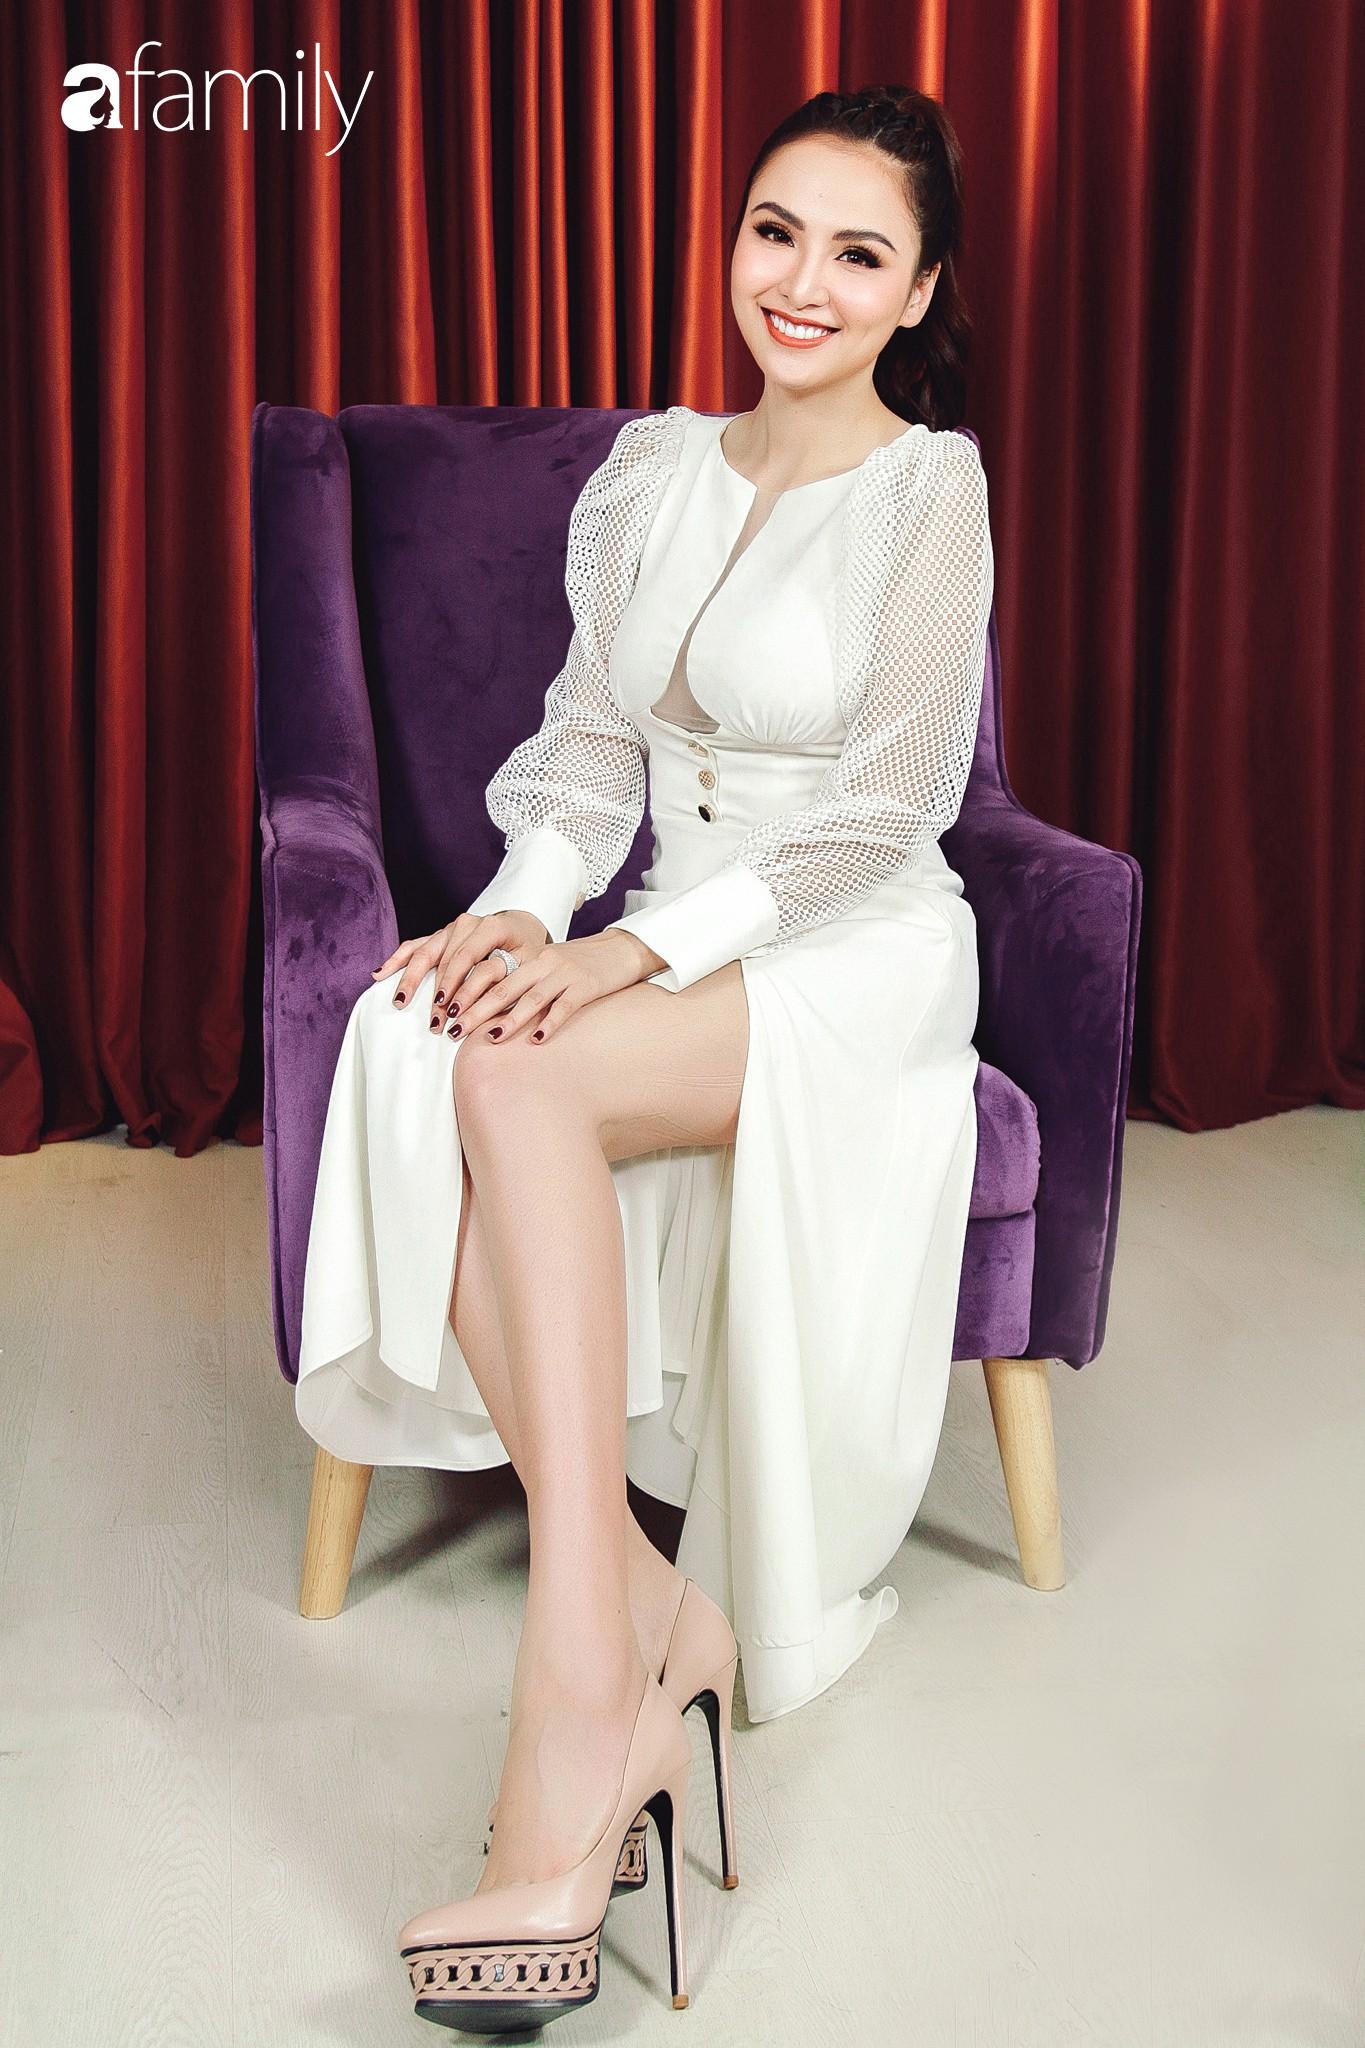 Hoa hậu Diễm Hương: Chồng nào cũng bảo nếu em đừng làm ra tiền thì đã dễ dạy hơn-13